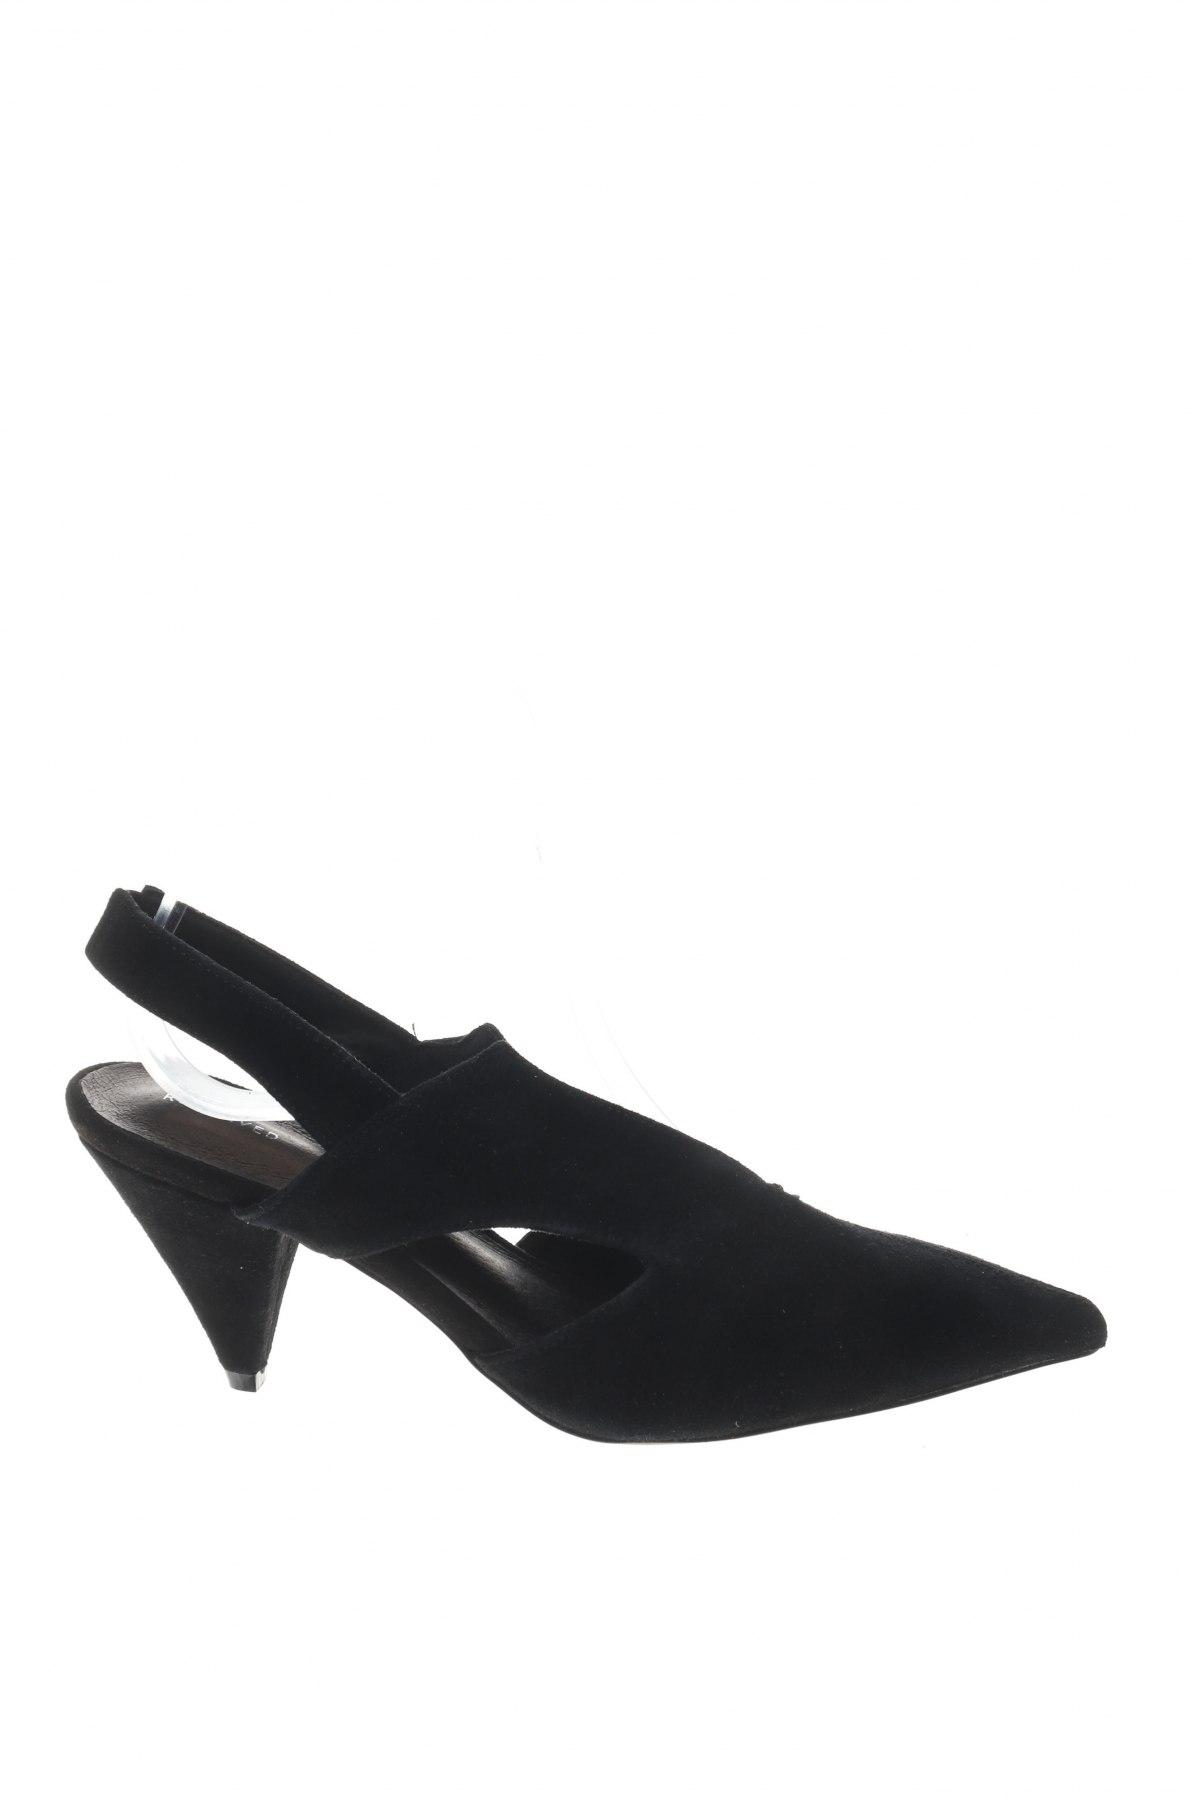 Γυναικεία παπούτσια Reserved, Μέγεθος 36, Χρώμα Μαύρο, Φυσικό σουέτ, Τιμή 15,31€